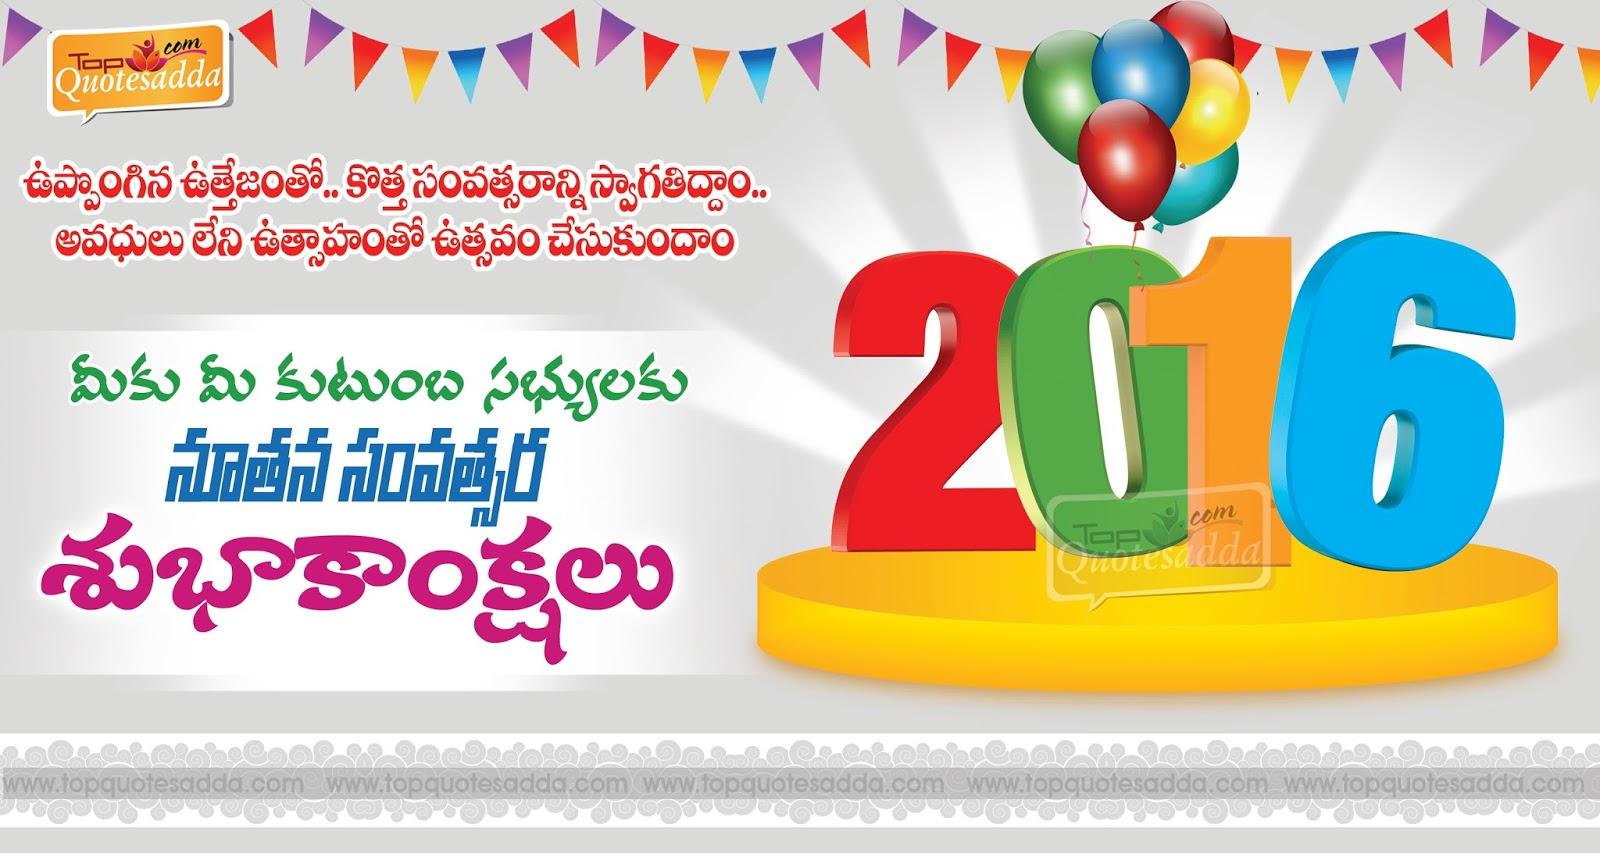 Telugu 2016 nuthana samvastara subhakankshalu images 2016 hapy new year 2016 telugu message quotes hd m4hsunfo